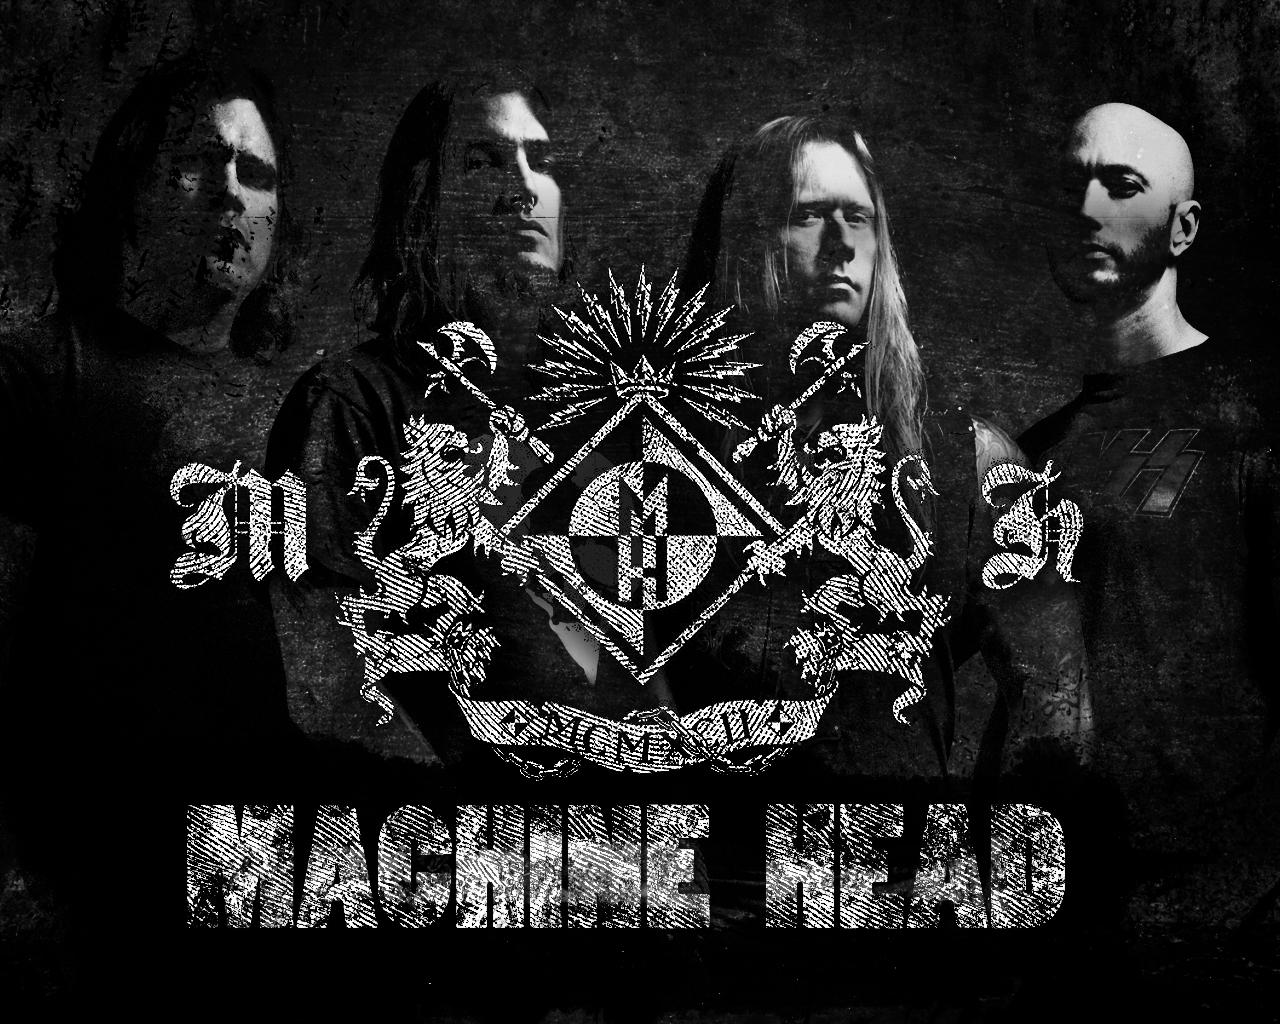 machine headf